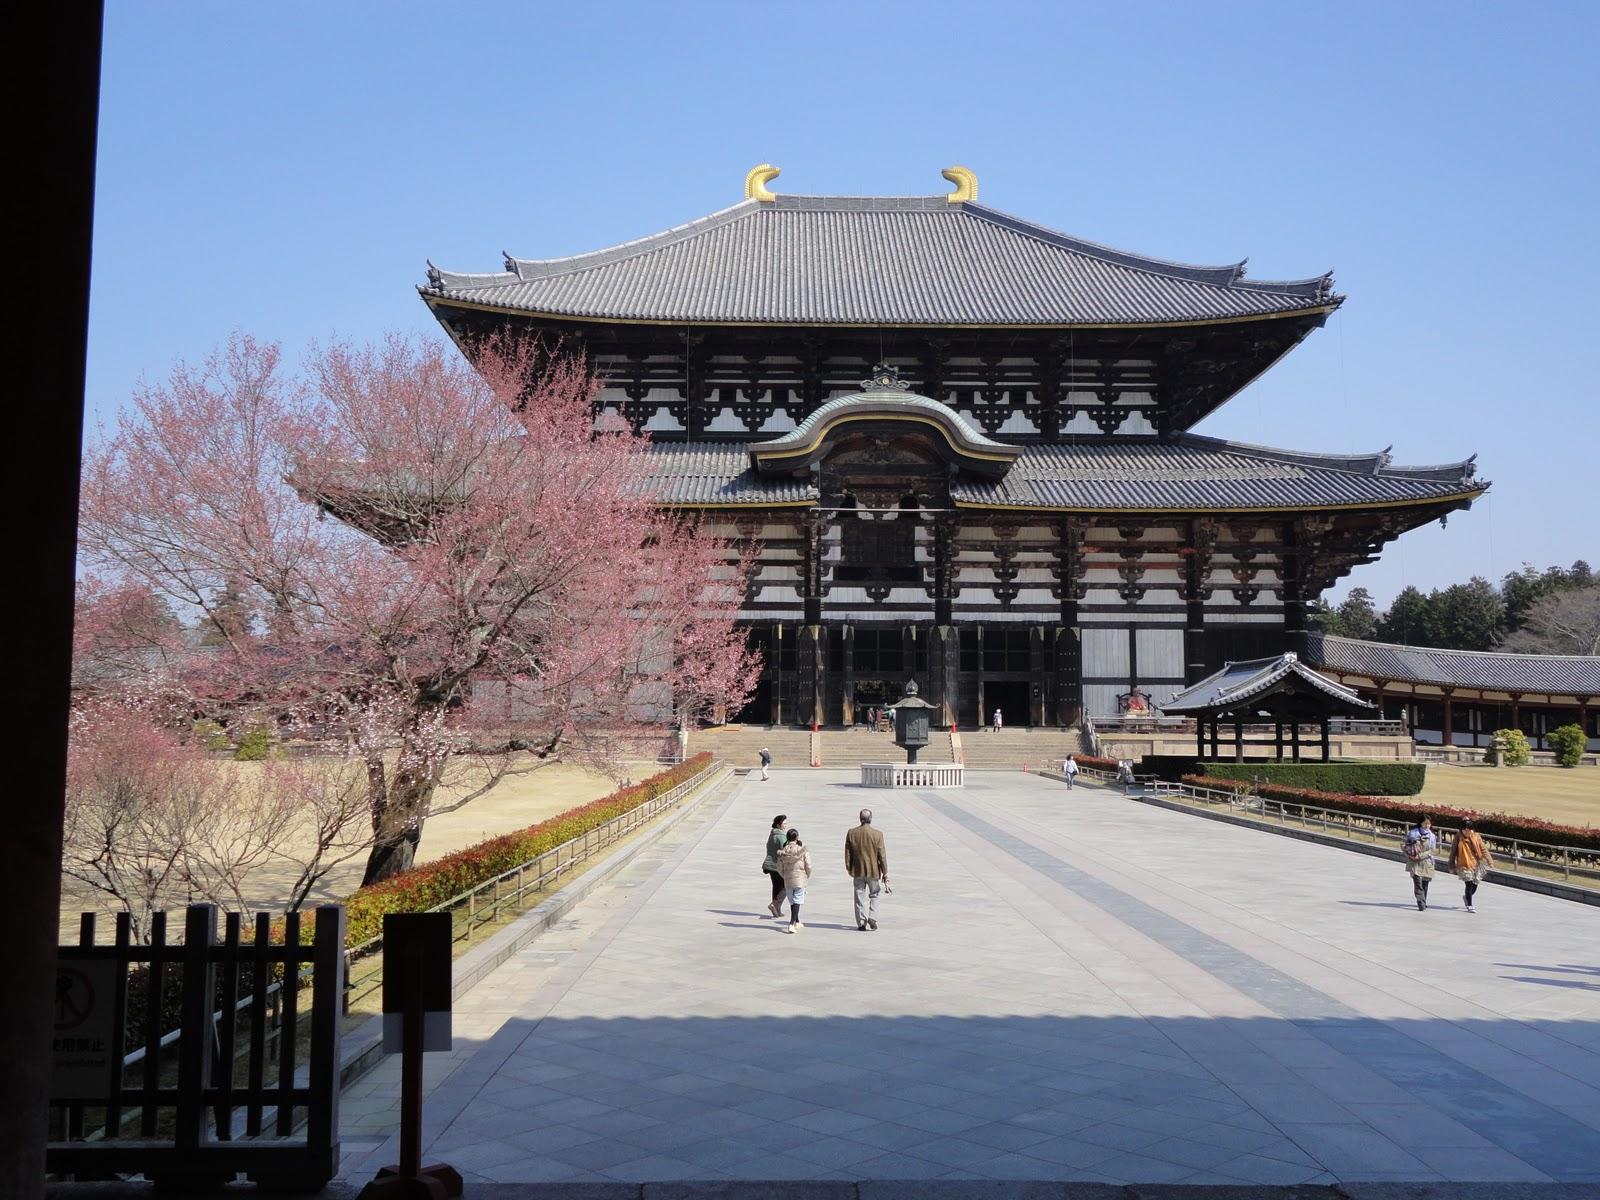 Ngôi chùa Todaiji cổ kính nhất Nara Nhật Bản